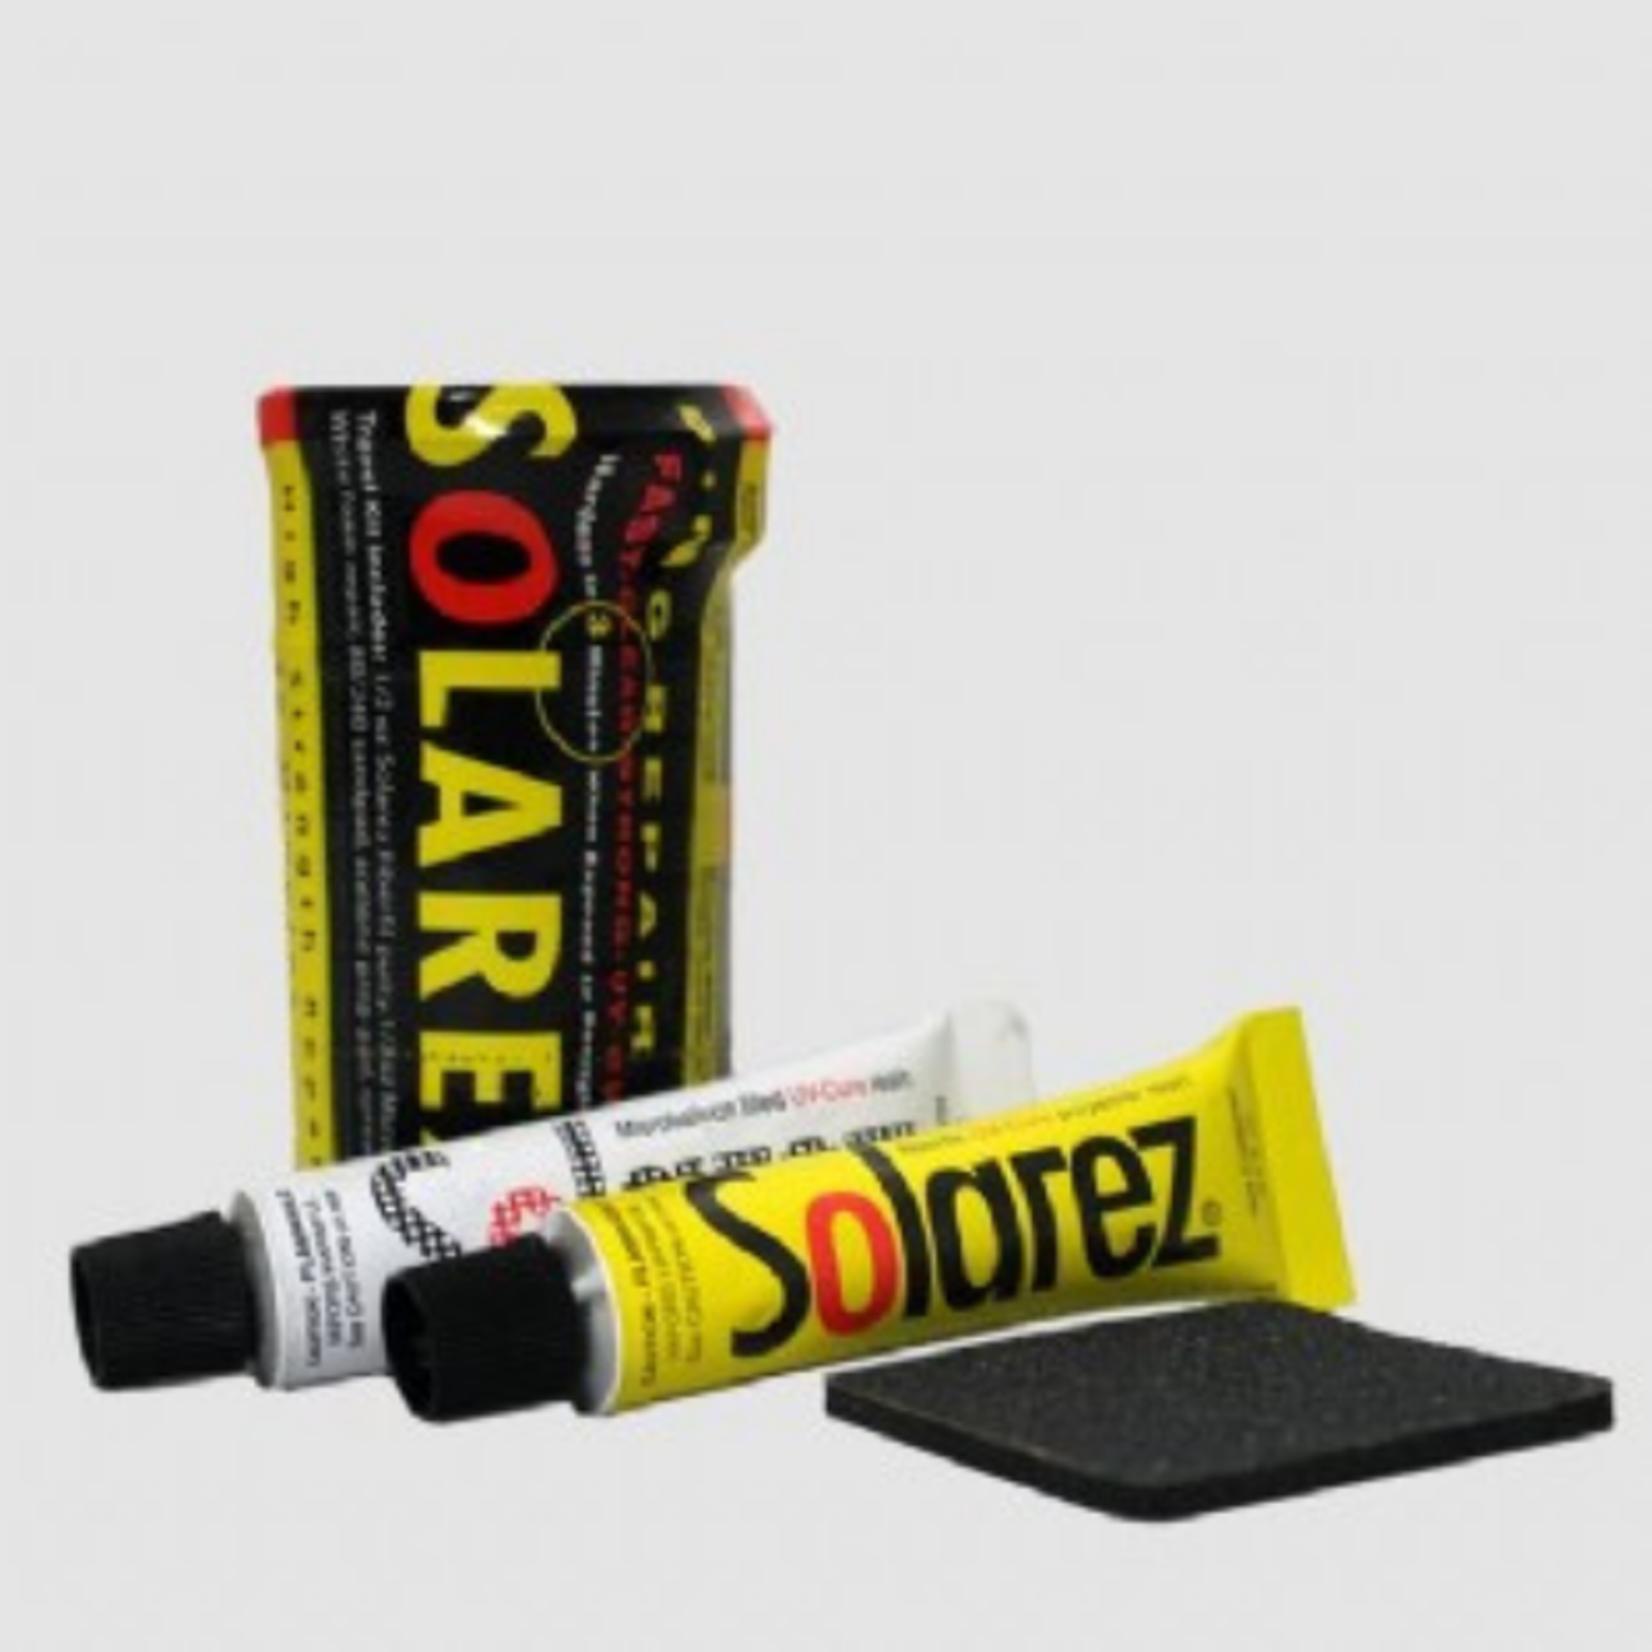 Solarez Solarez Polyester Mini Travel Kit